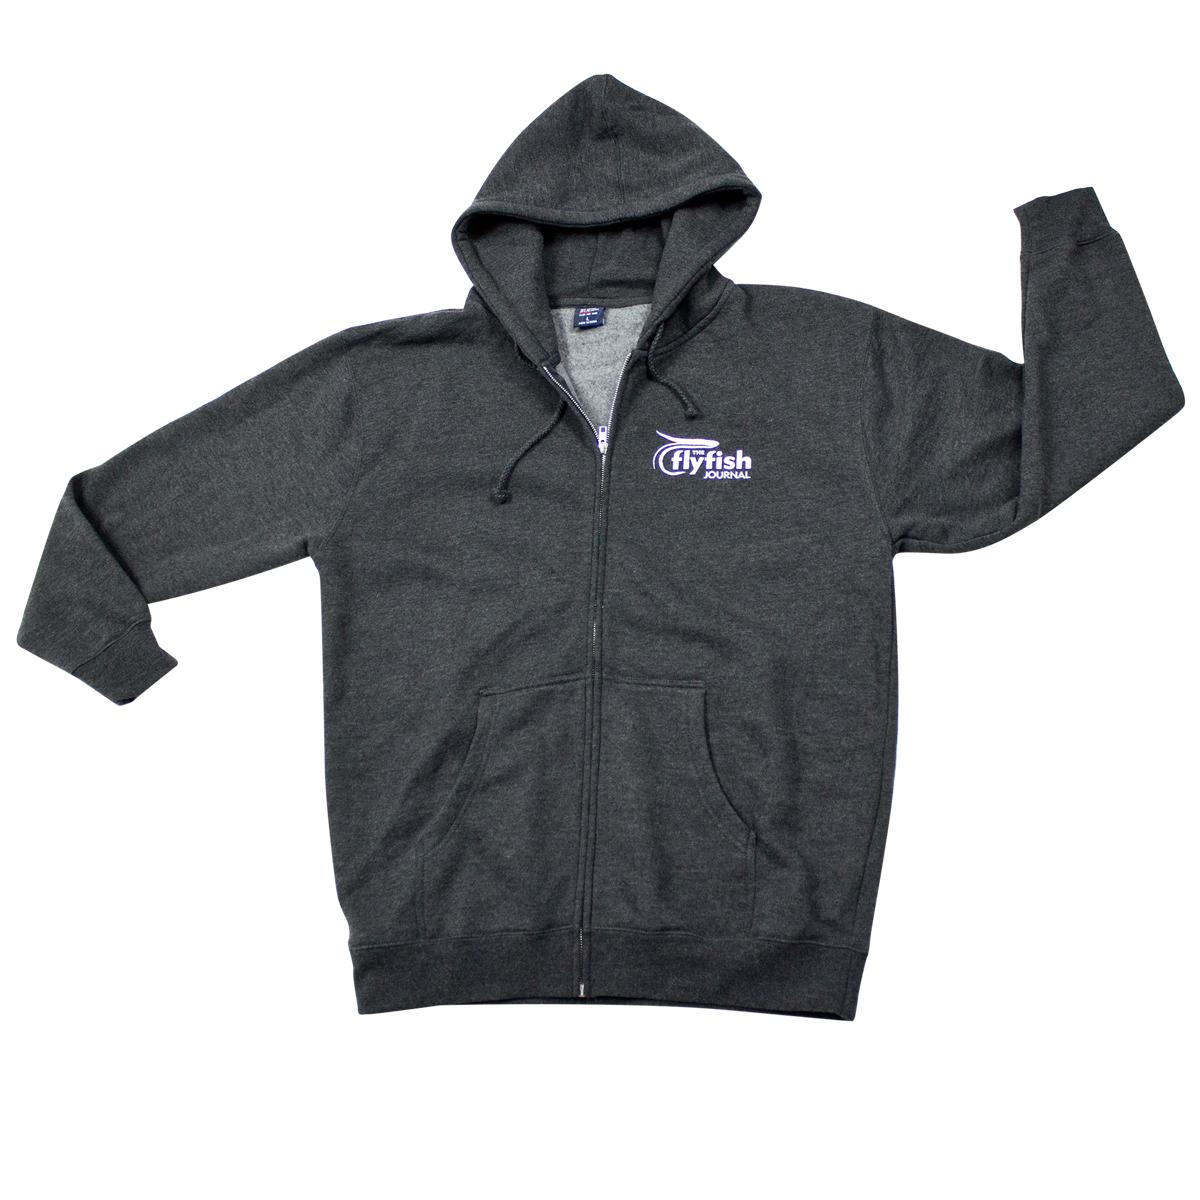 The Flyfish Journal zip hoodie.